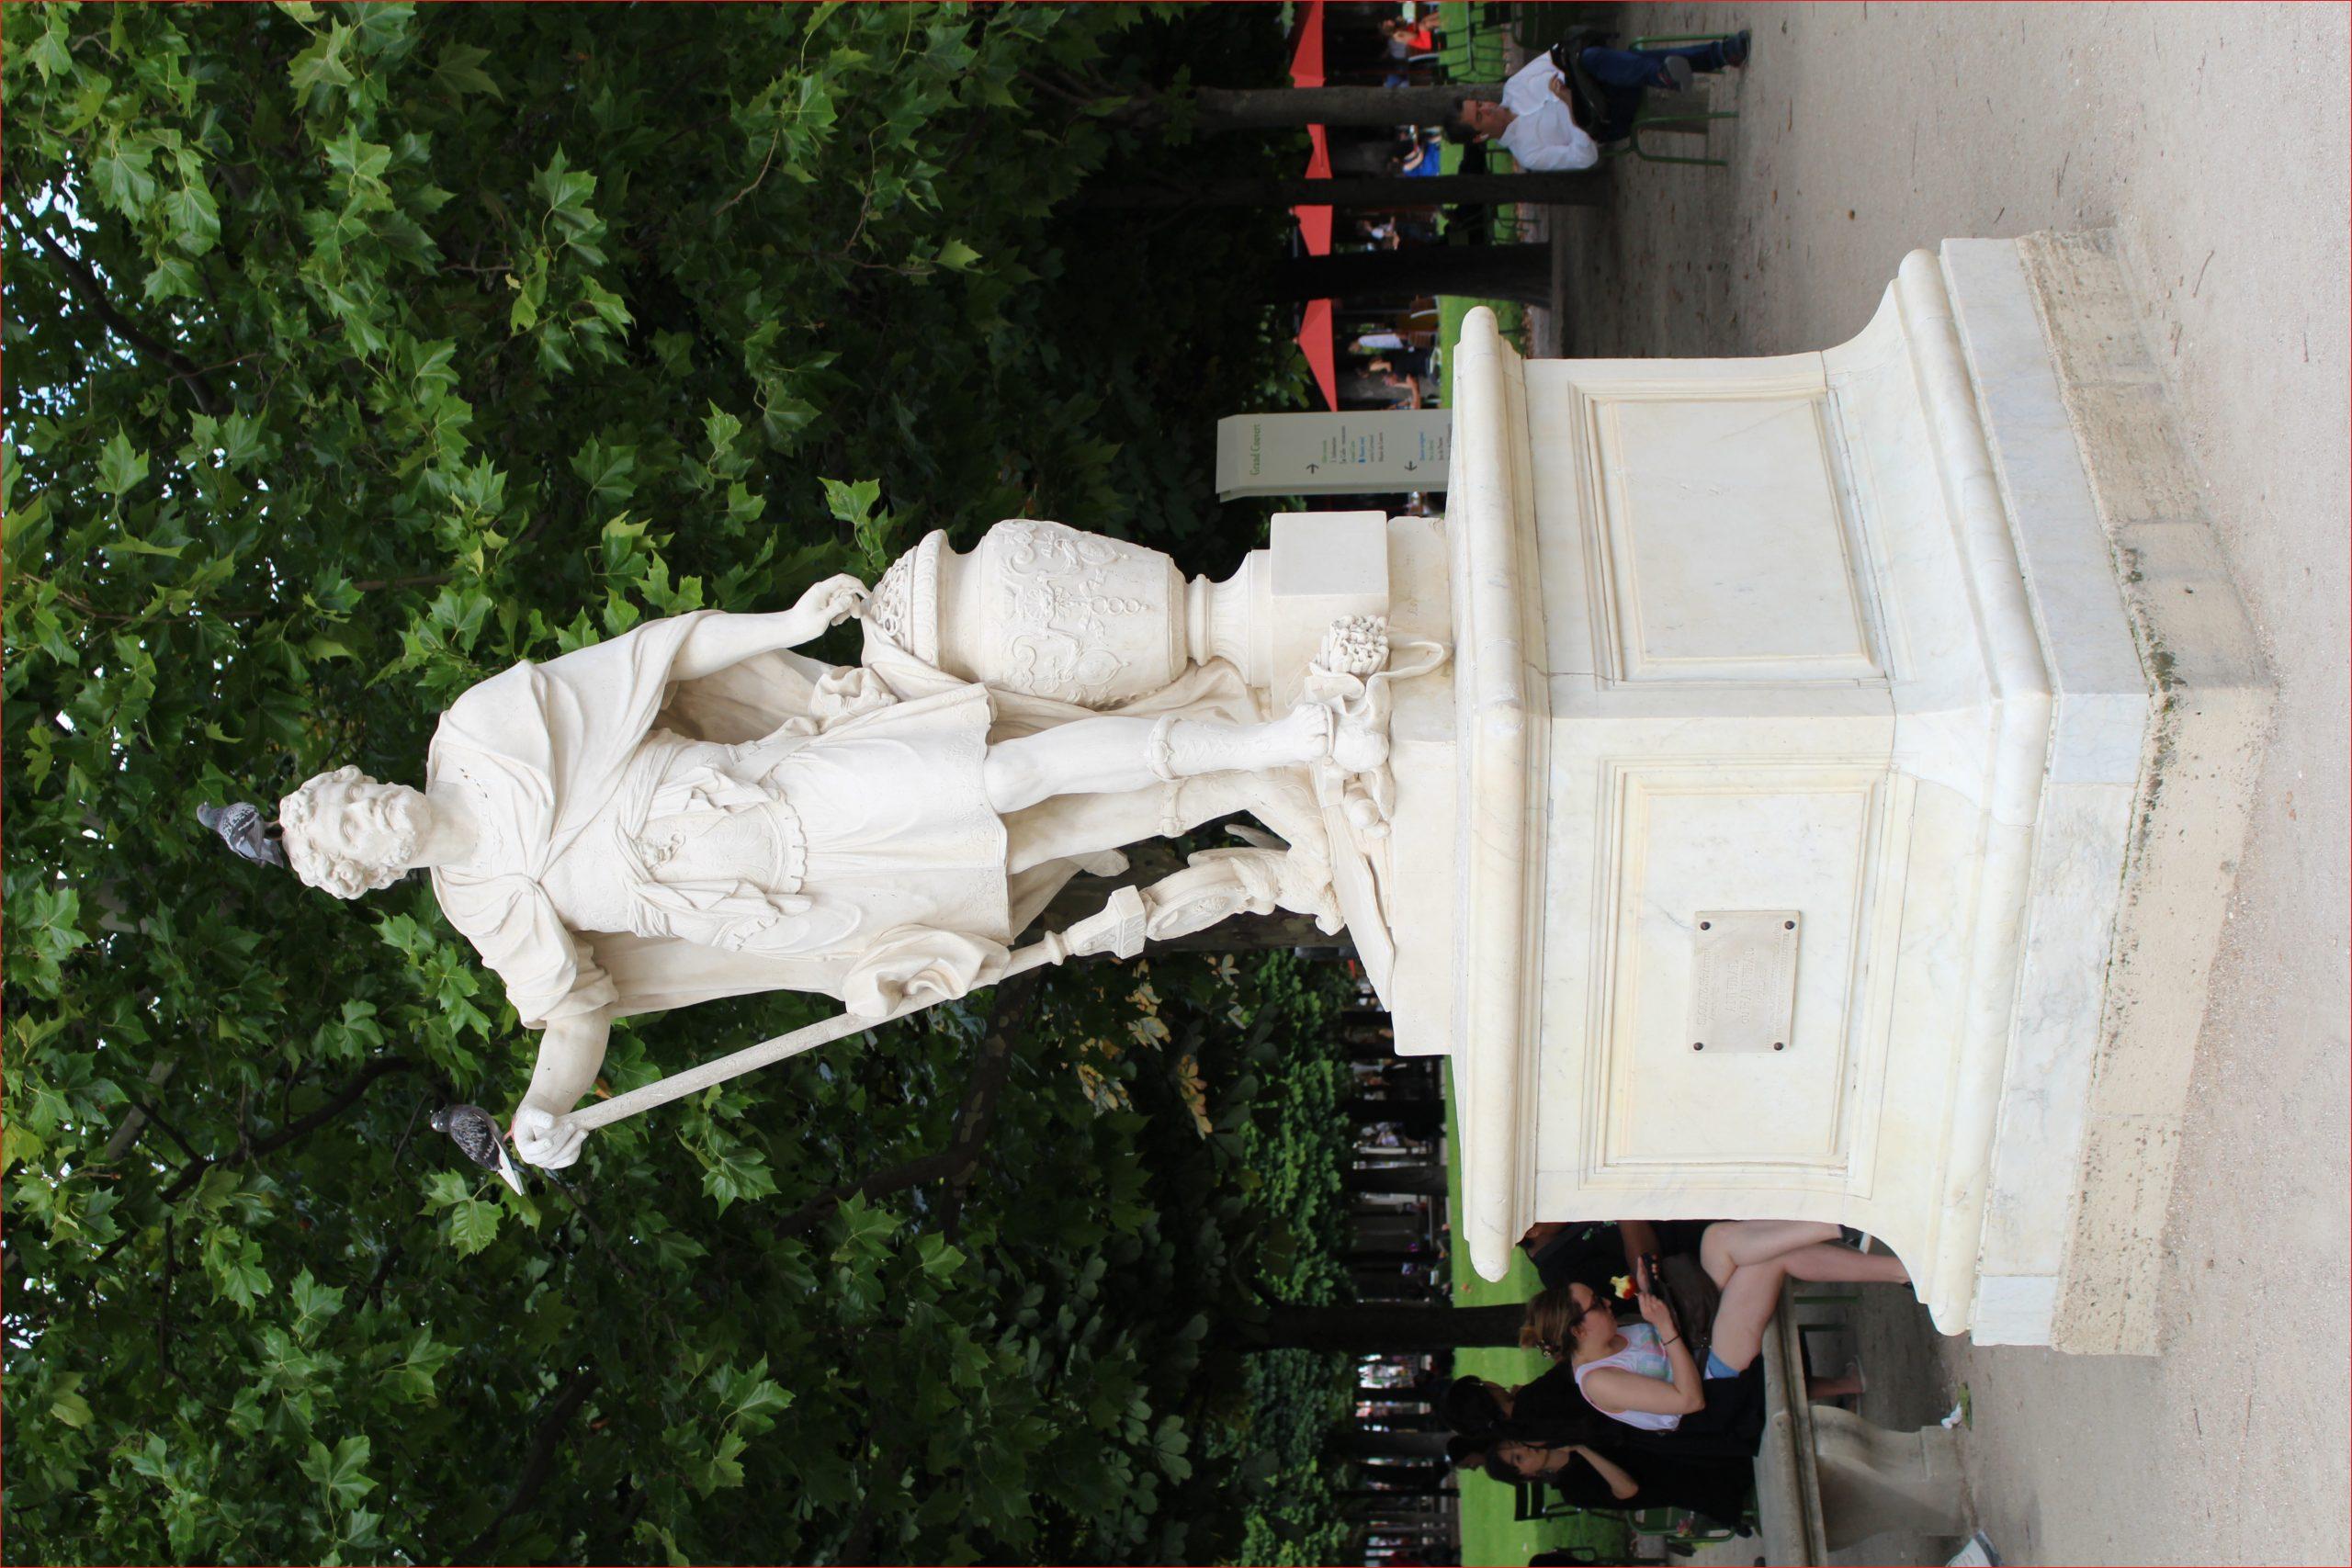 Meilleur Statues De Jardin Photos De Jardin Conception ... encequiconcerne Statues De Jardin Occasion